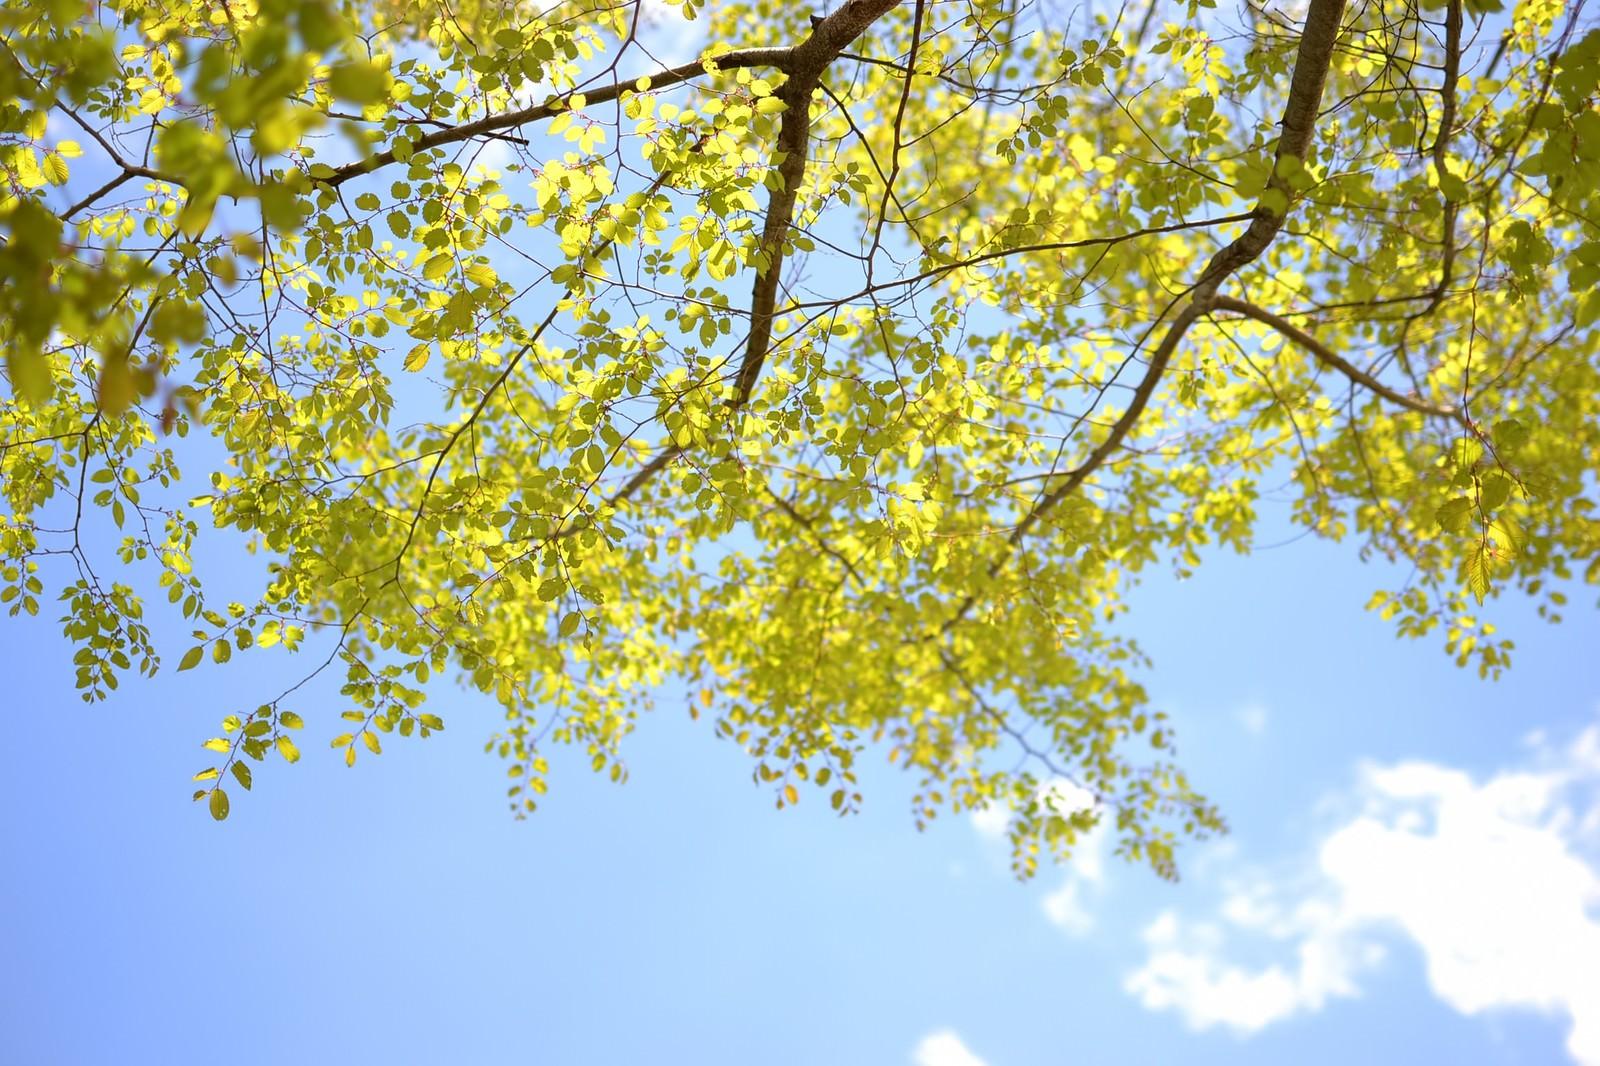 「青空と木の葉」の写真